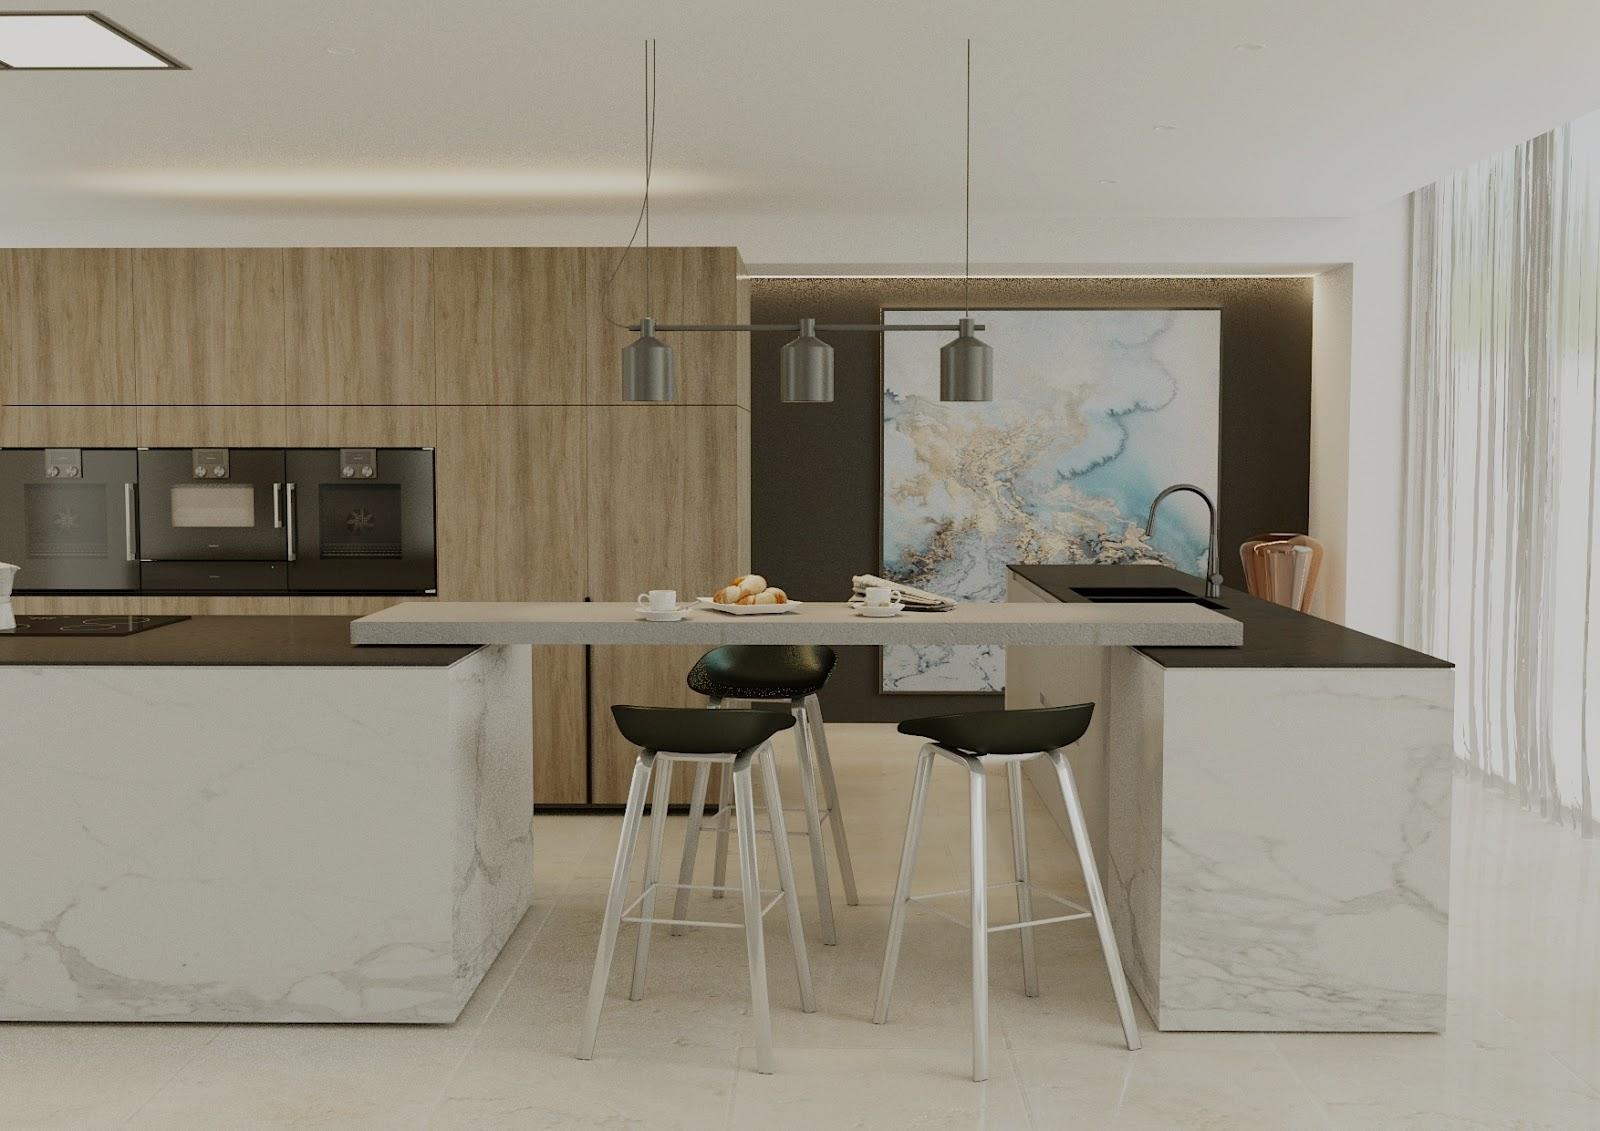 minosa modern kitchen design requires amp contemporary approach modern kitchen designs sydney bathroom and kitchen